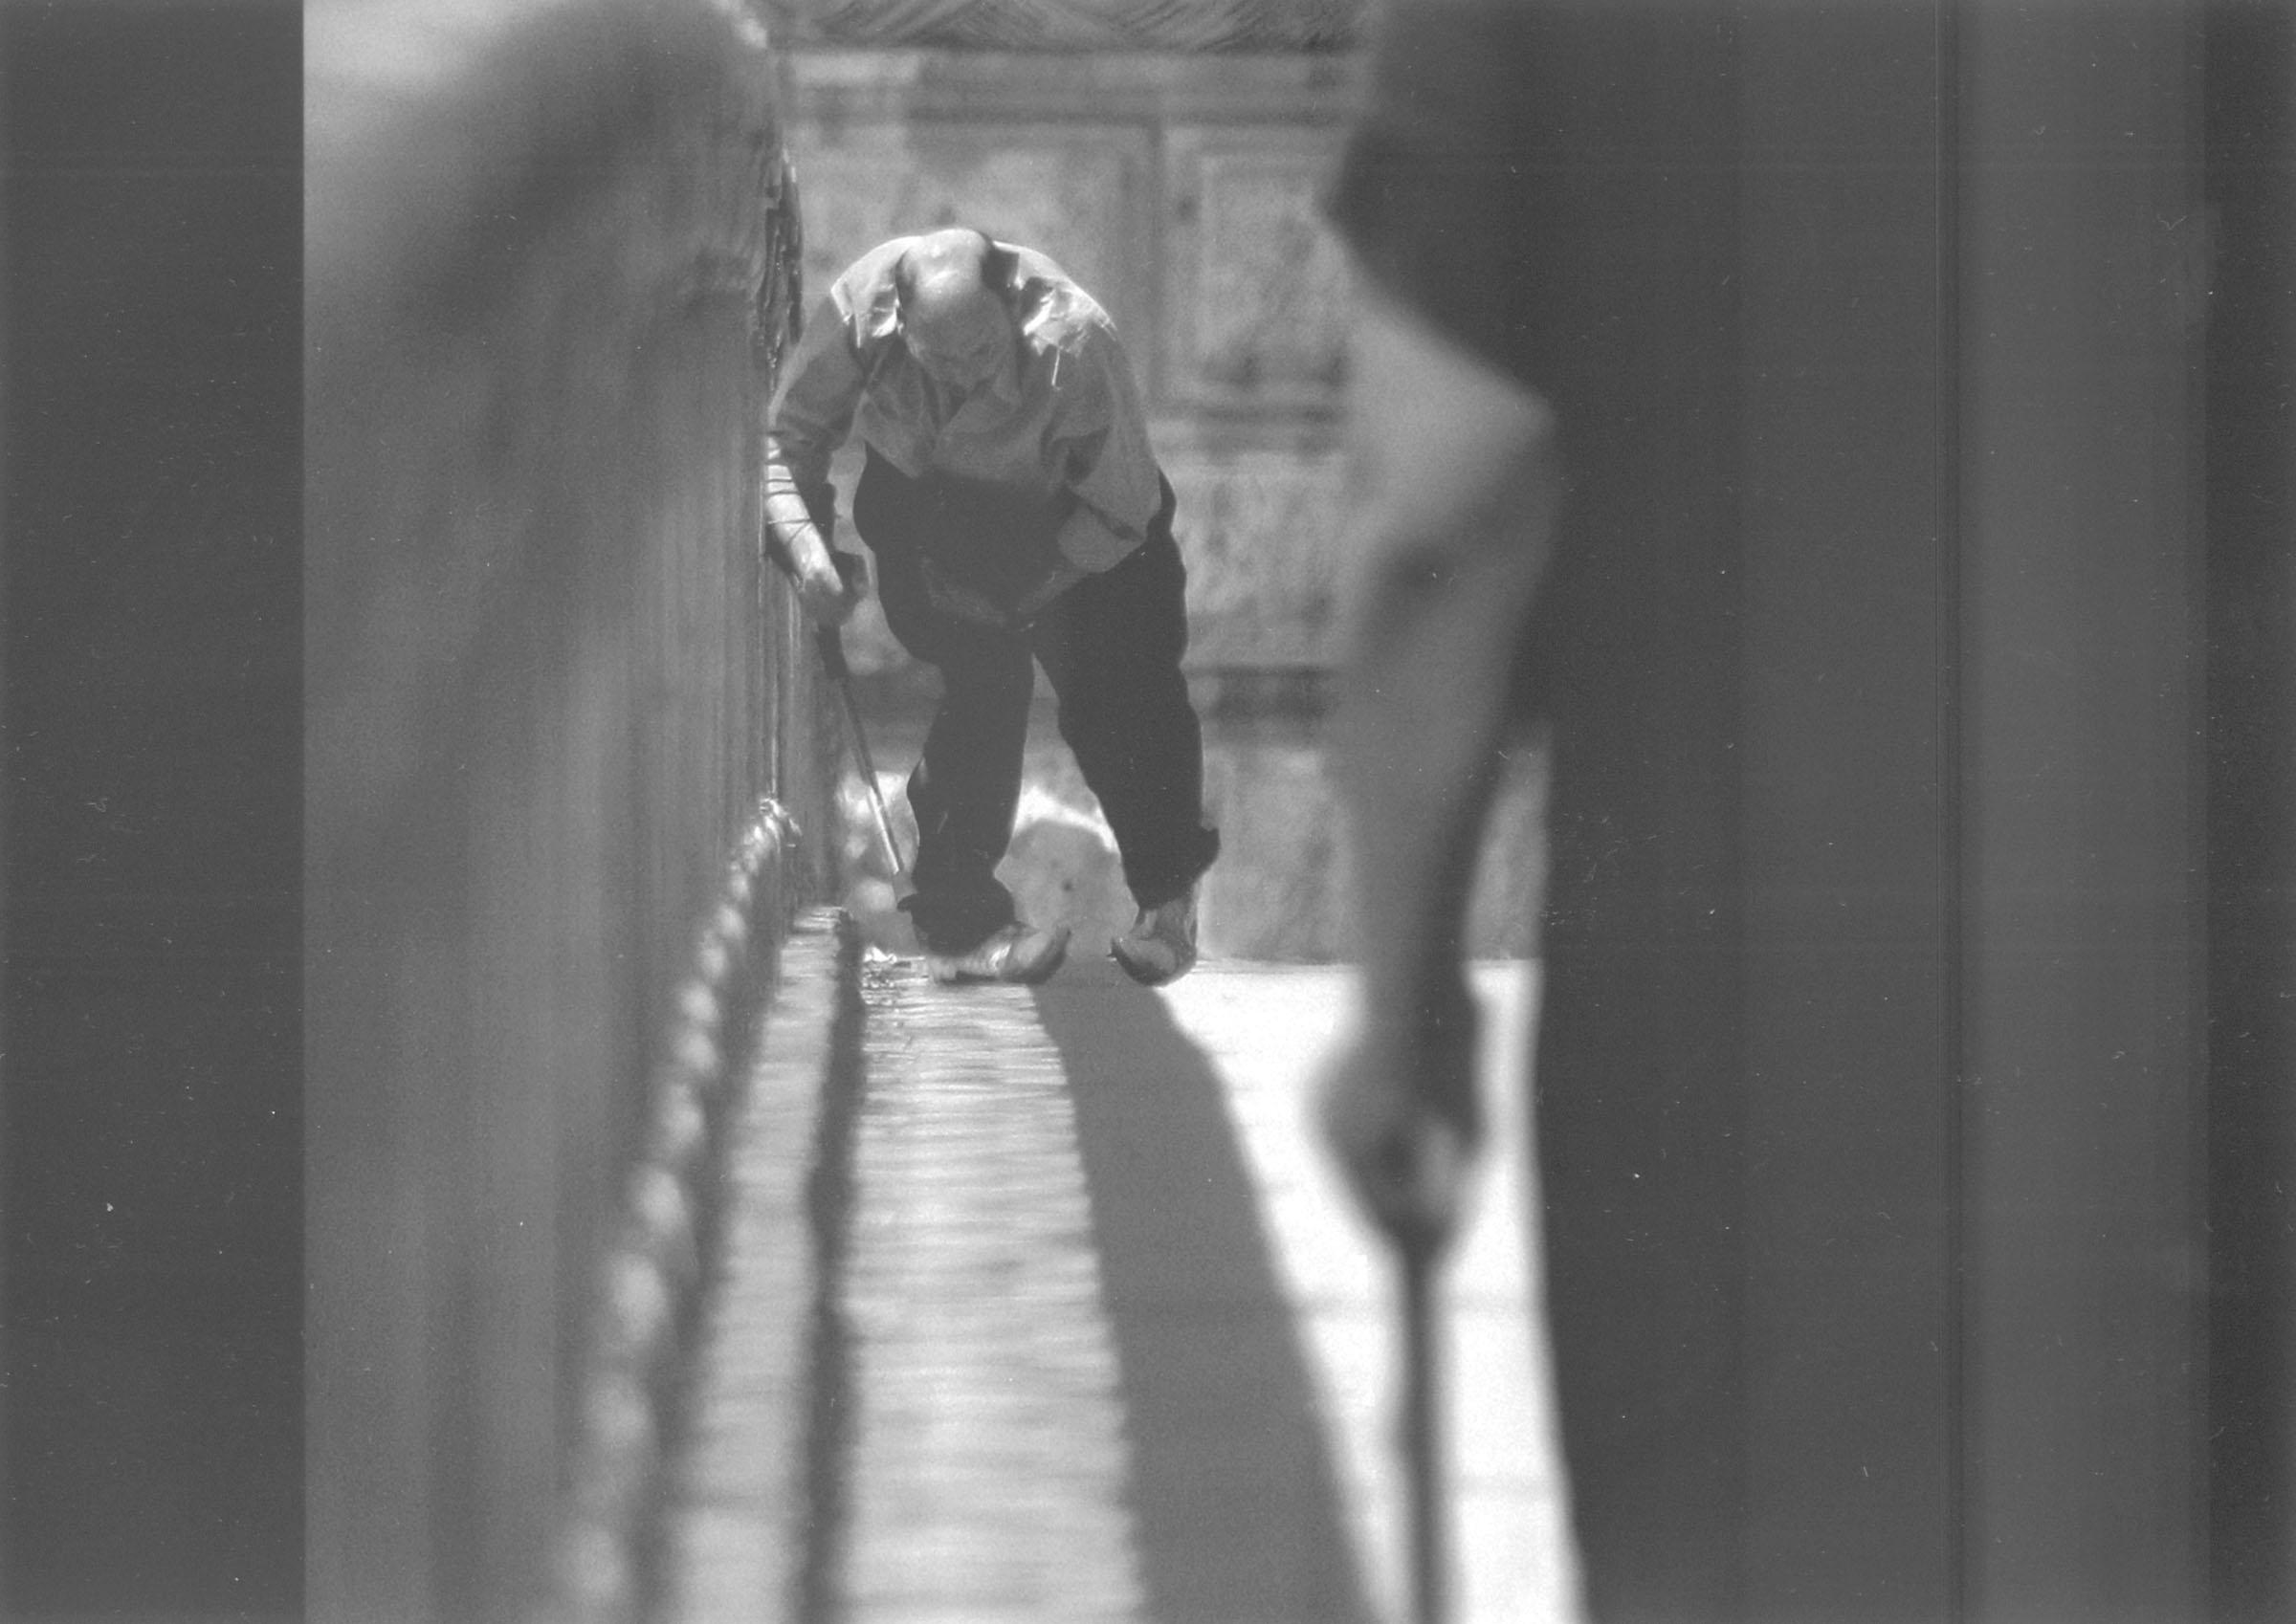 2004.09.18. Hétköznapok fotópályázat - Nyulászi Zsolt - Járj!.jpg